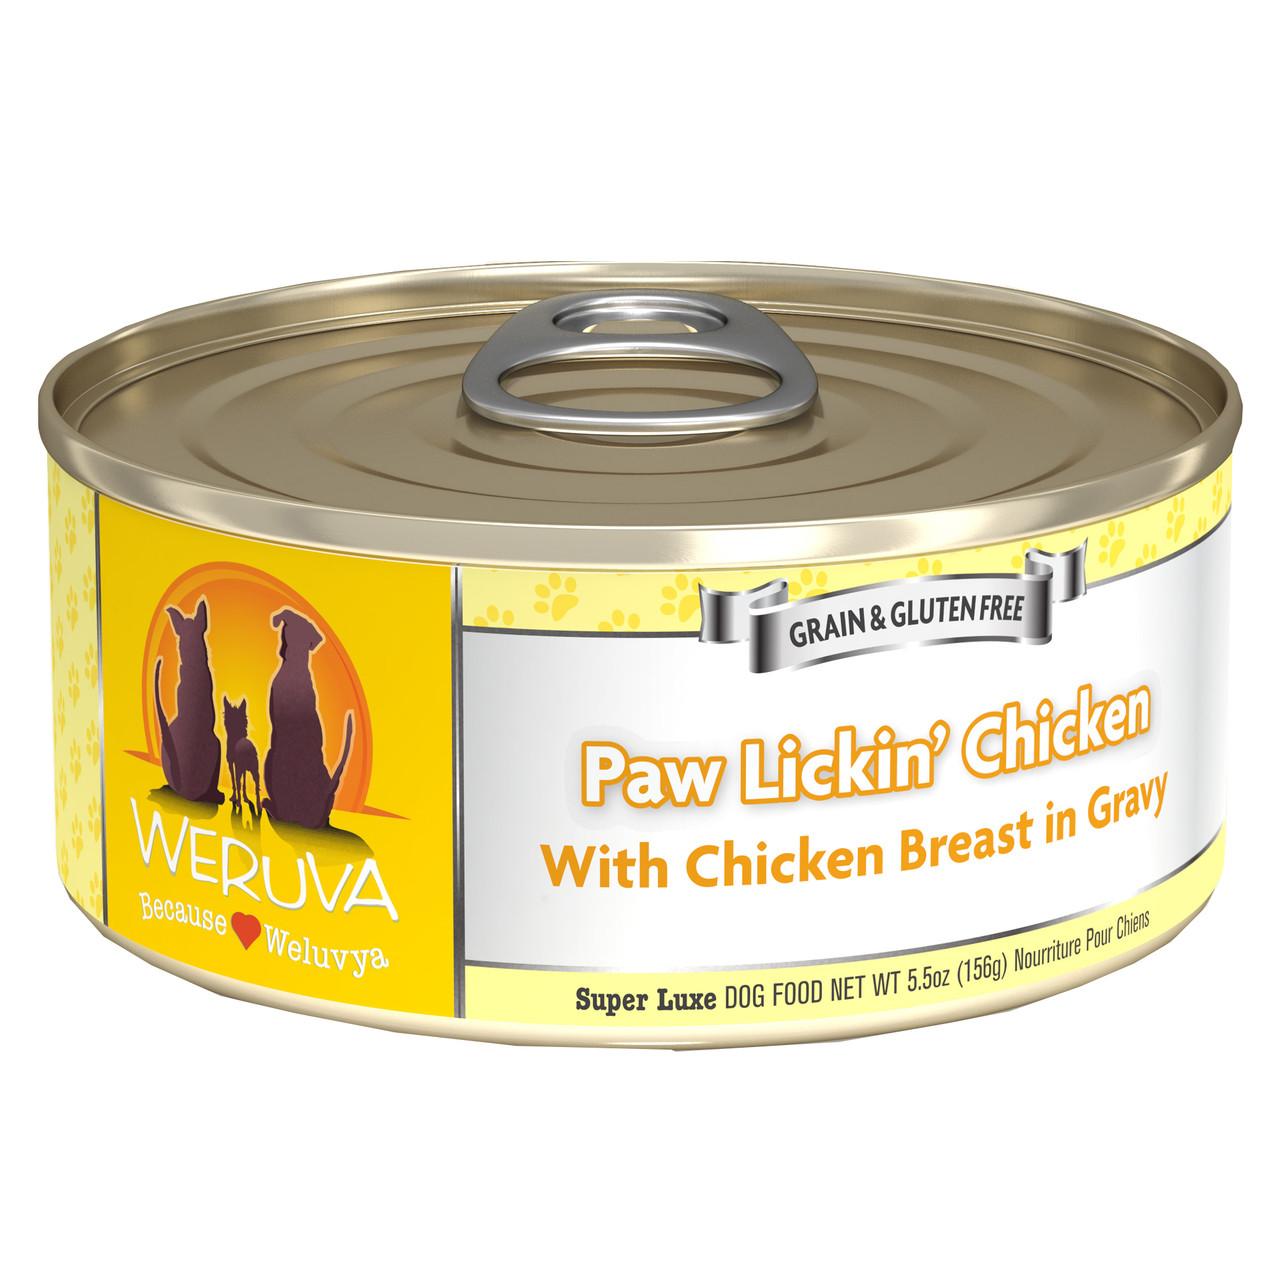 Weruva Paw Lickin' Chicken in Gravy Canned Dog Food